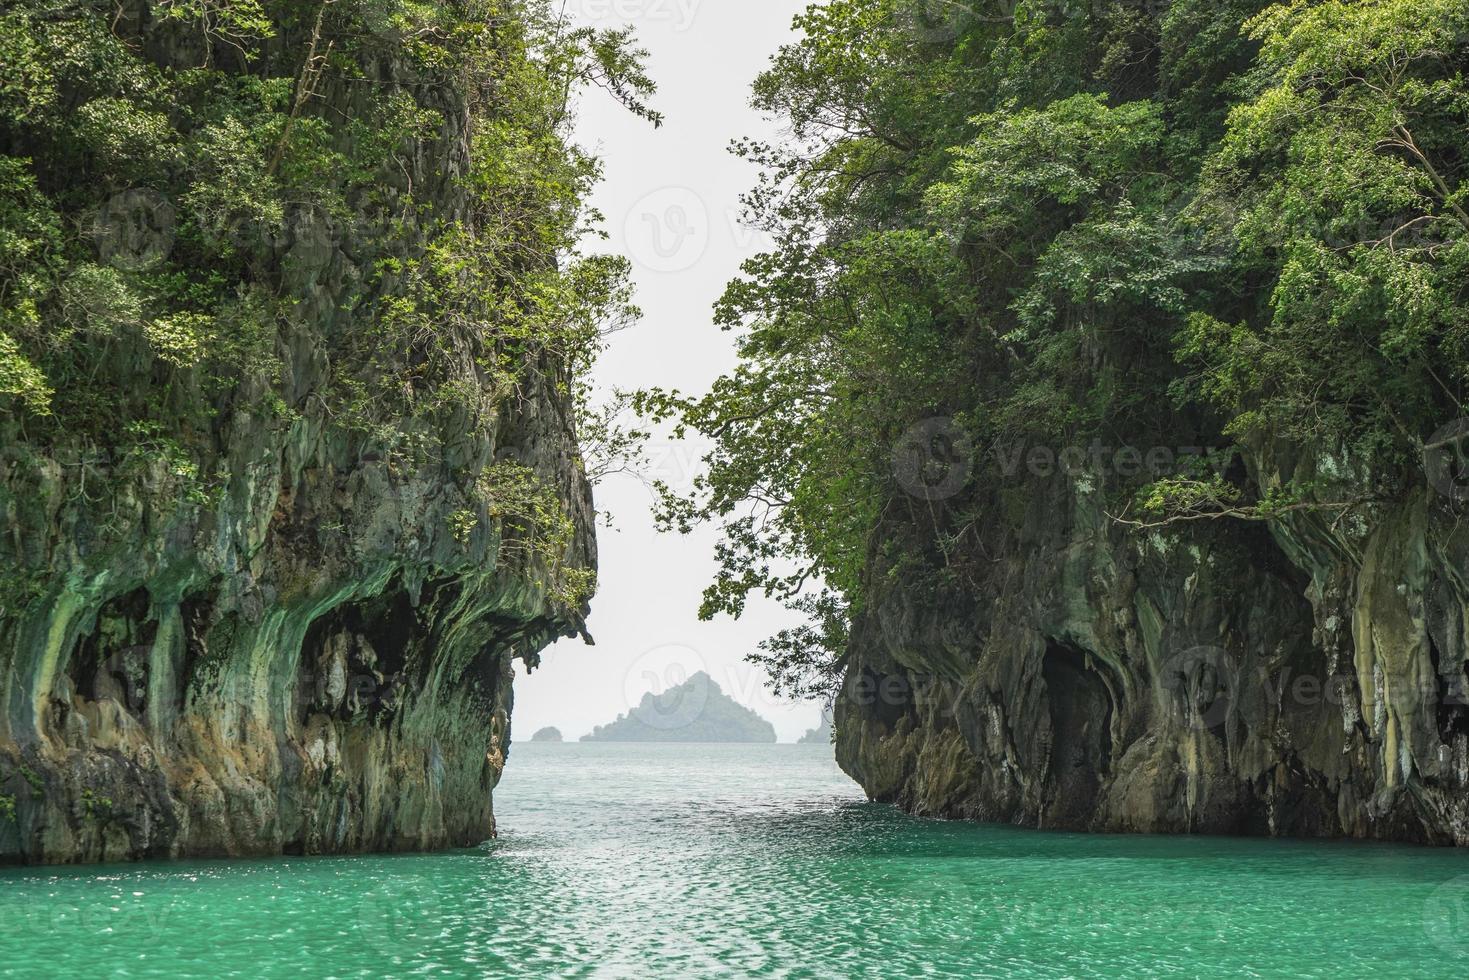 L'île de Hong à Krabi en Thaïlande photo